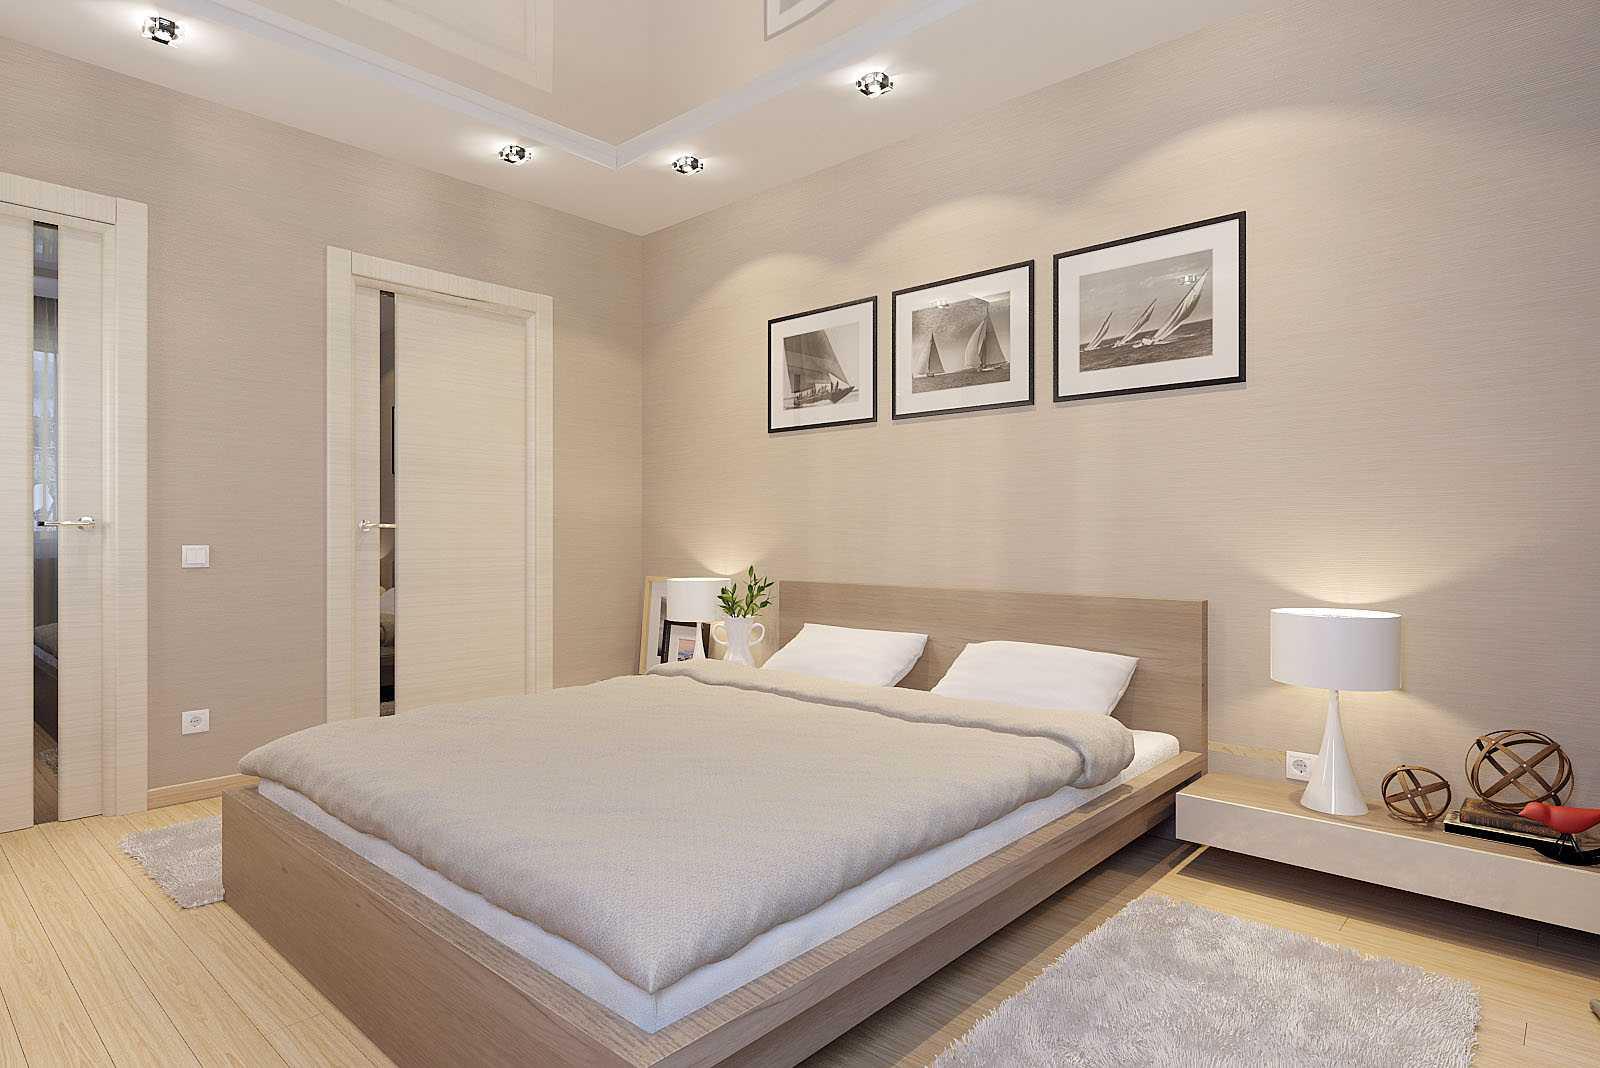 Освещение в спальне без окон